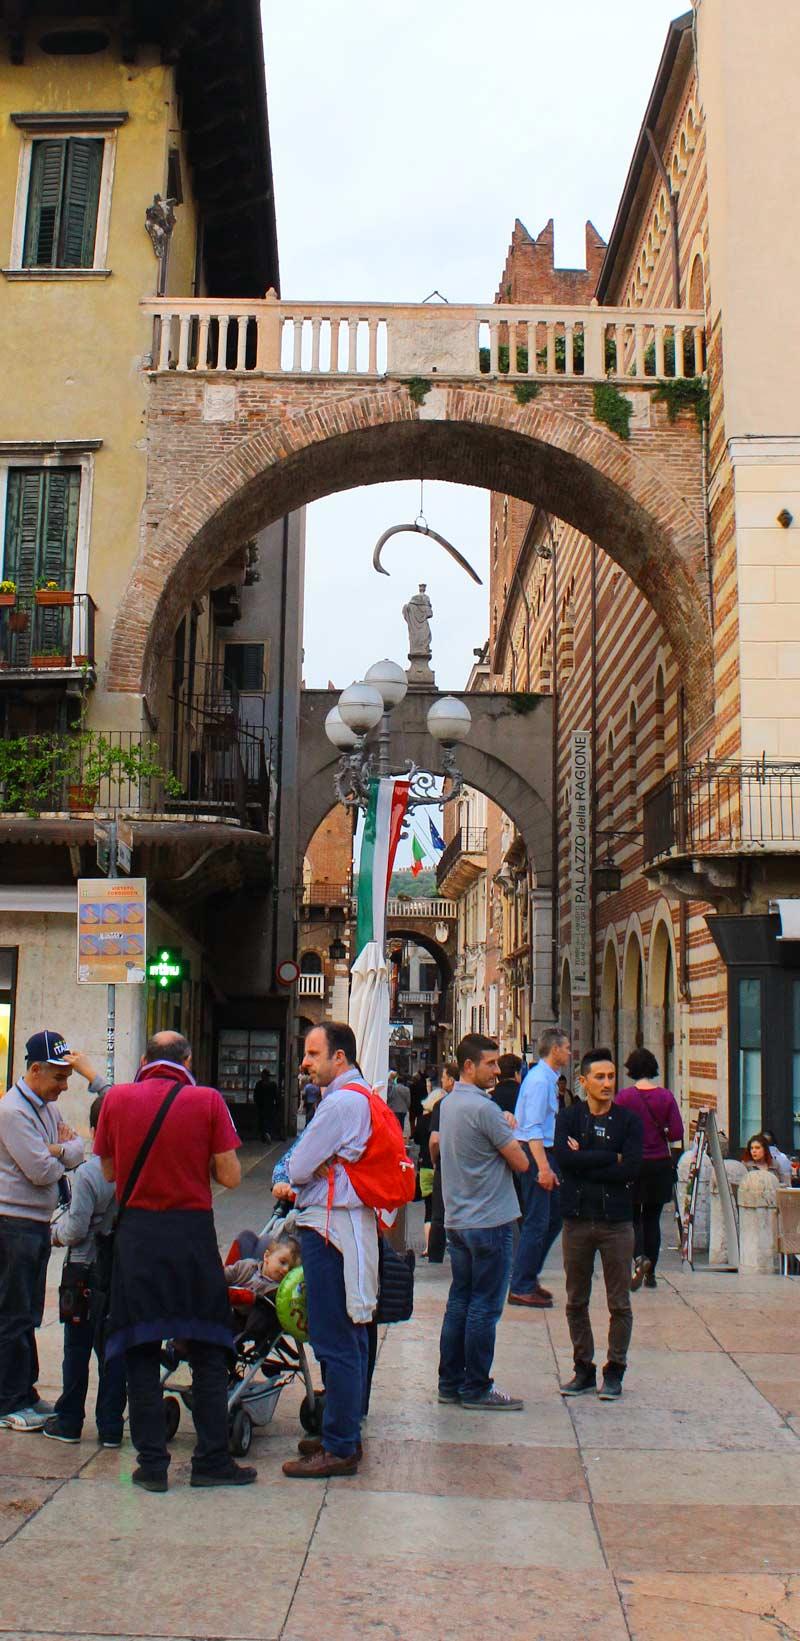 Whalebone in Verona